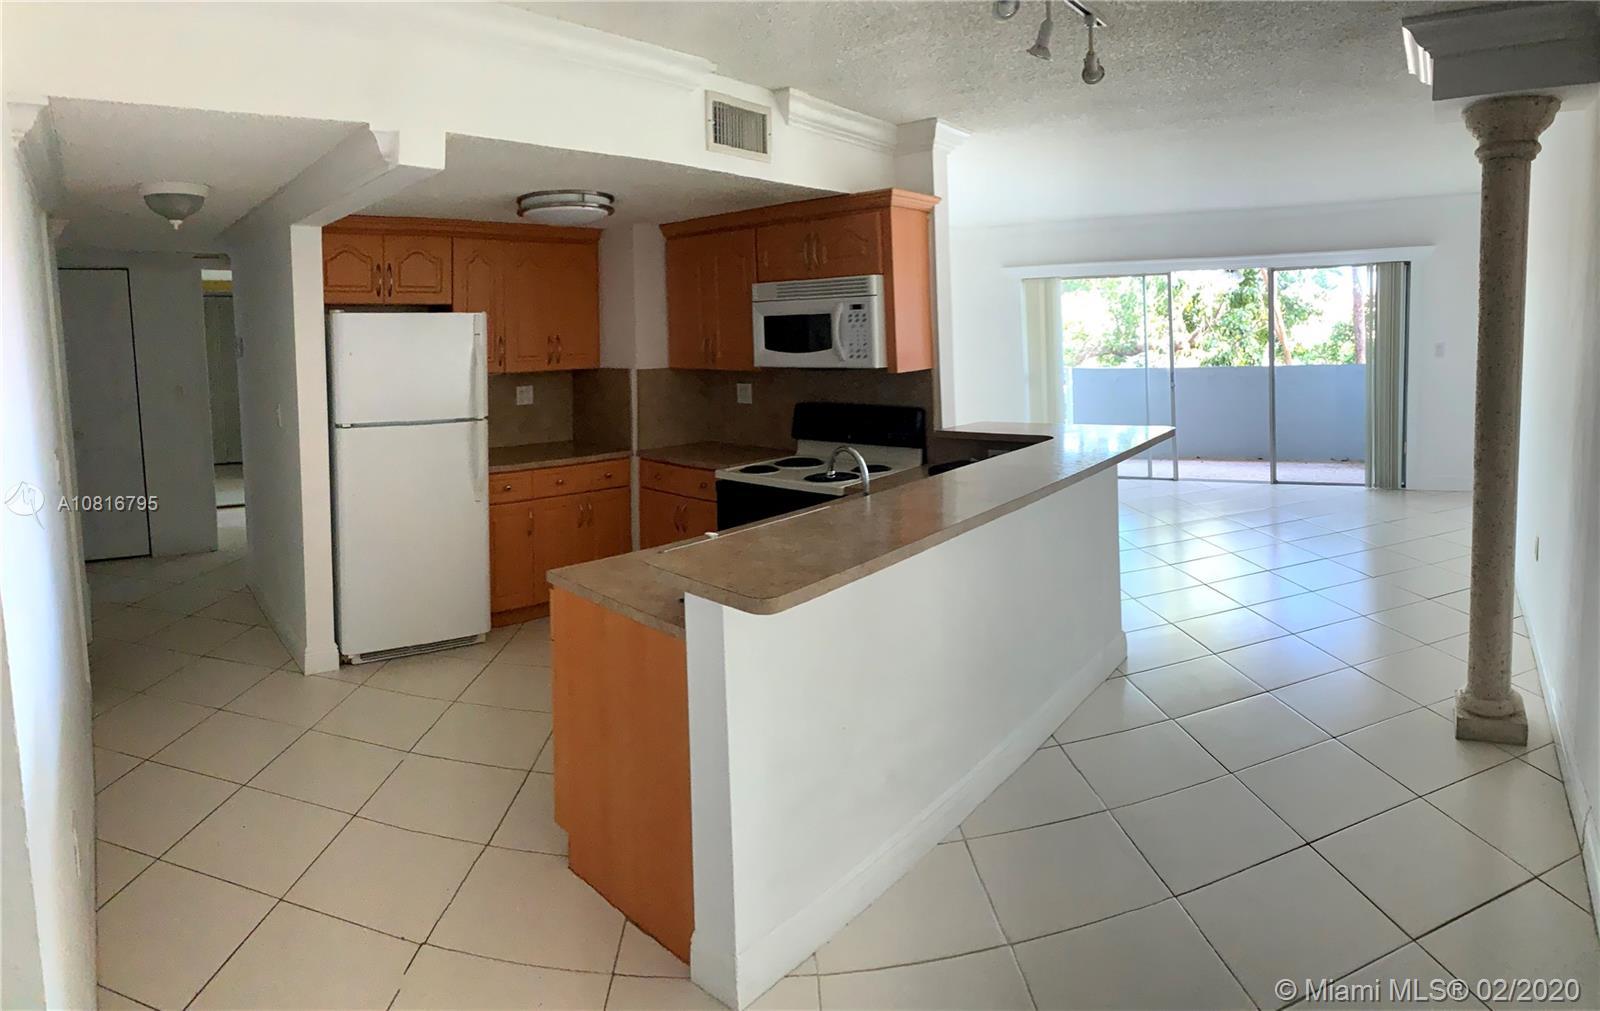 9375  Fontainebleau Blvd #L306 For Sale A10816795, FL